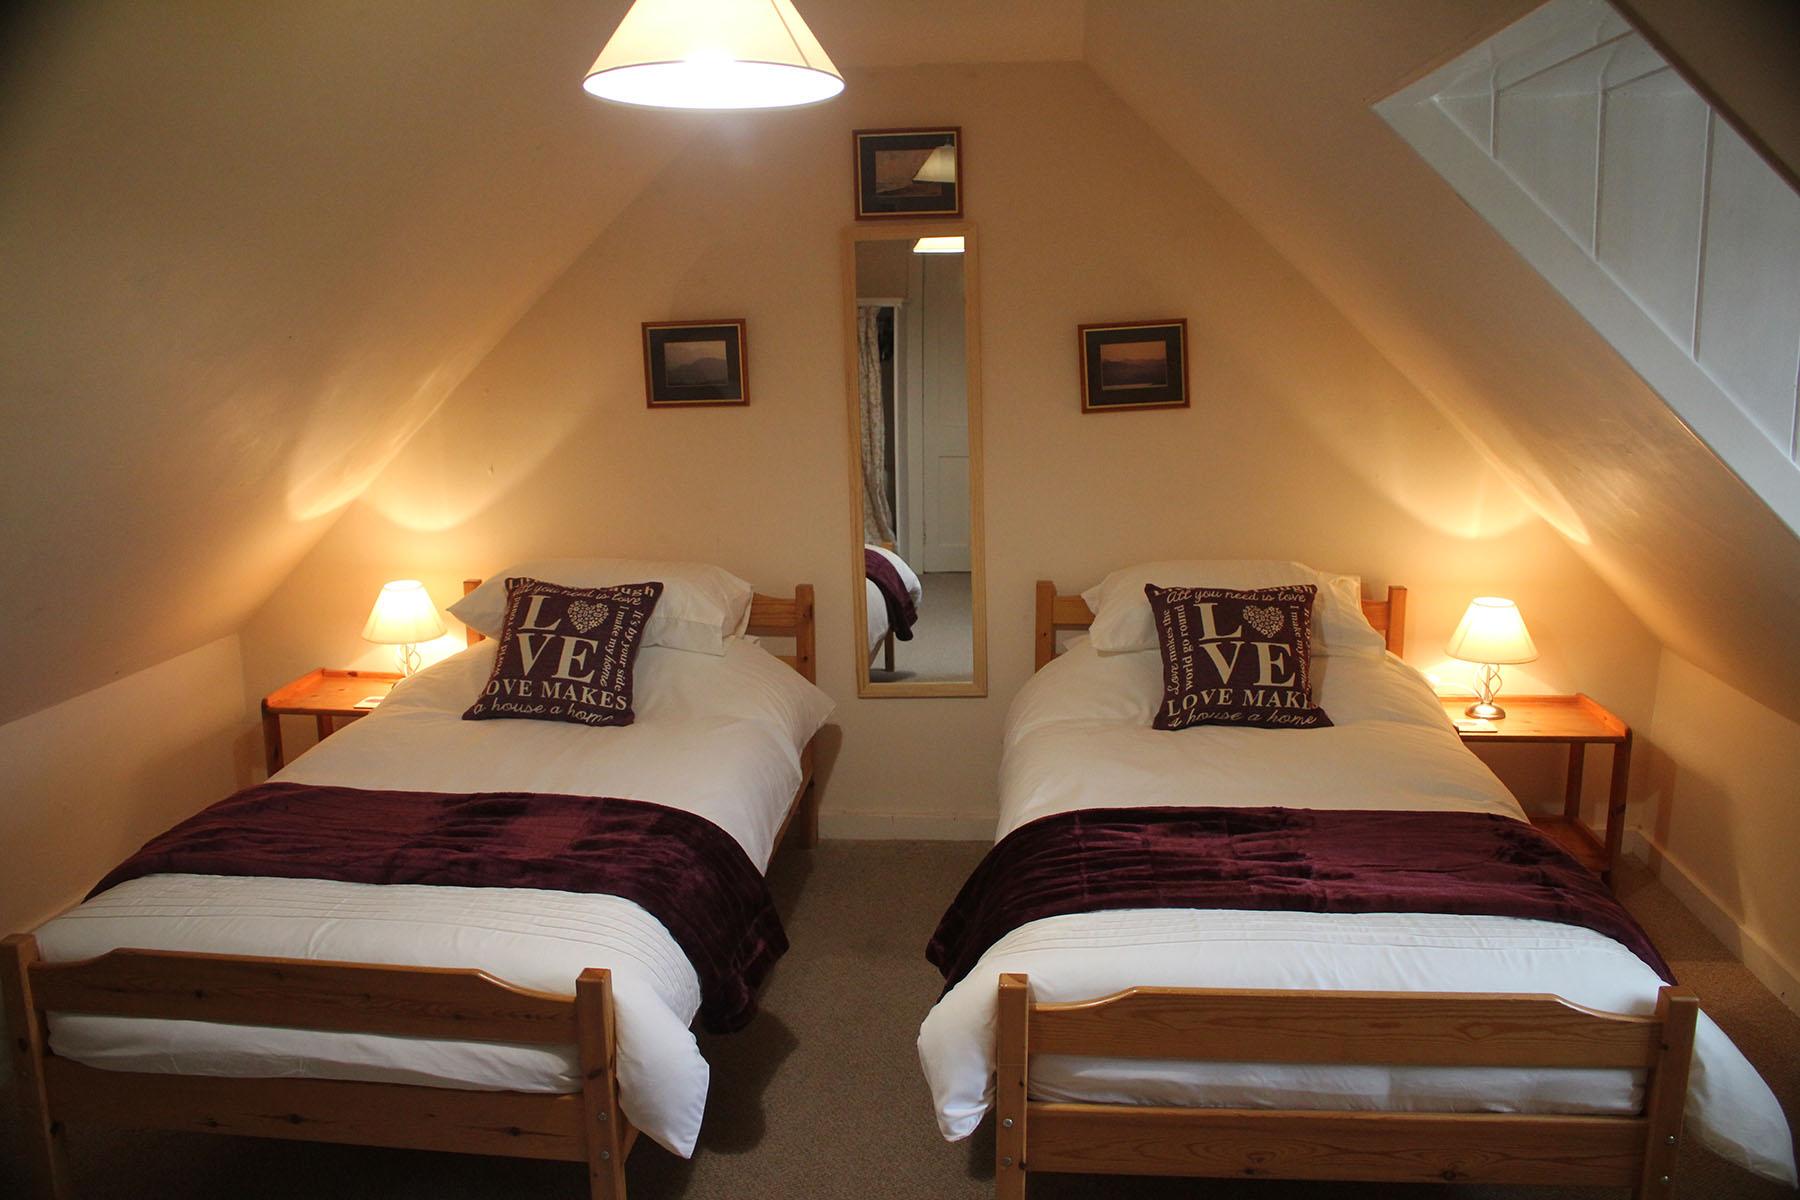 alvie estate 4 wester delfour twin bedroom alvie estate rh alvie estate co uk twin bedroom sets for teenagers twin bedroom sets furniture